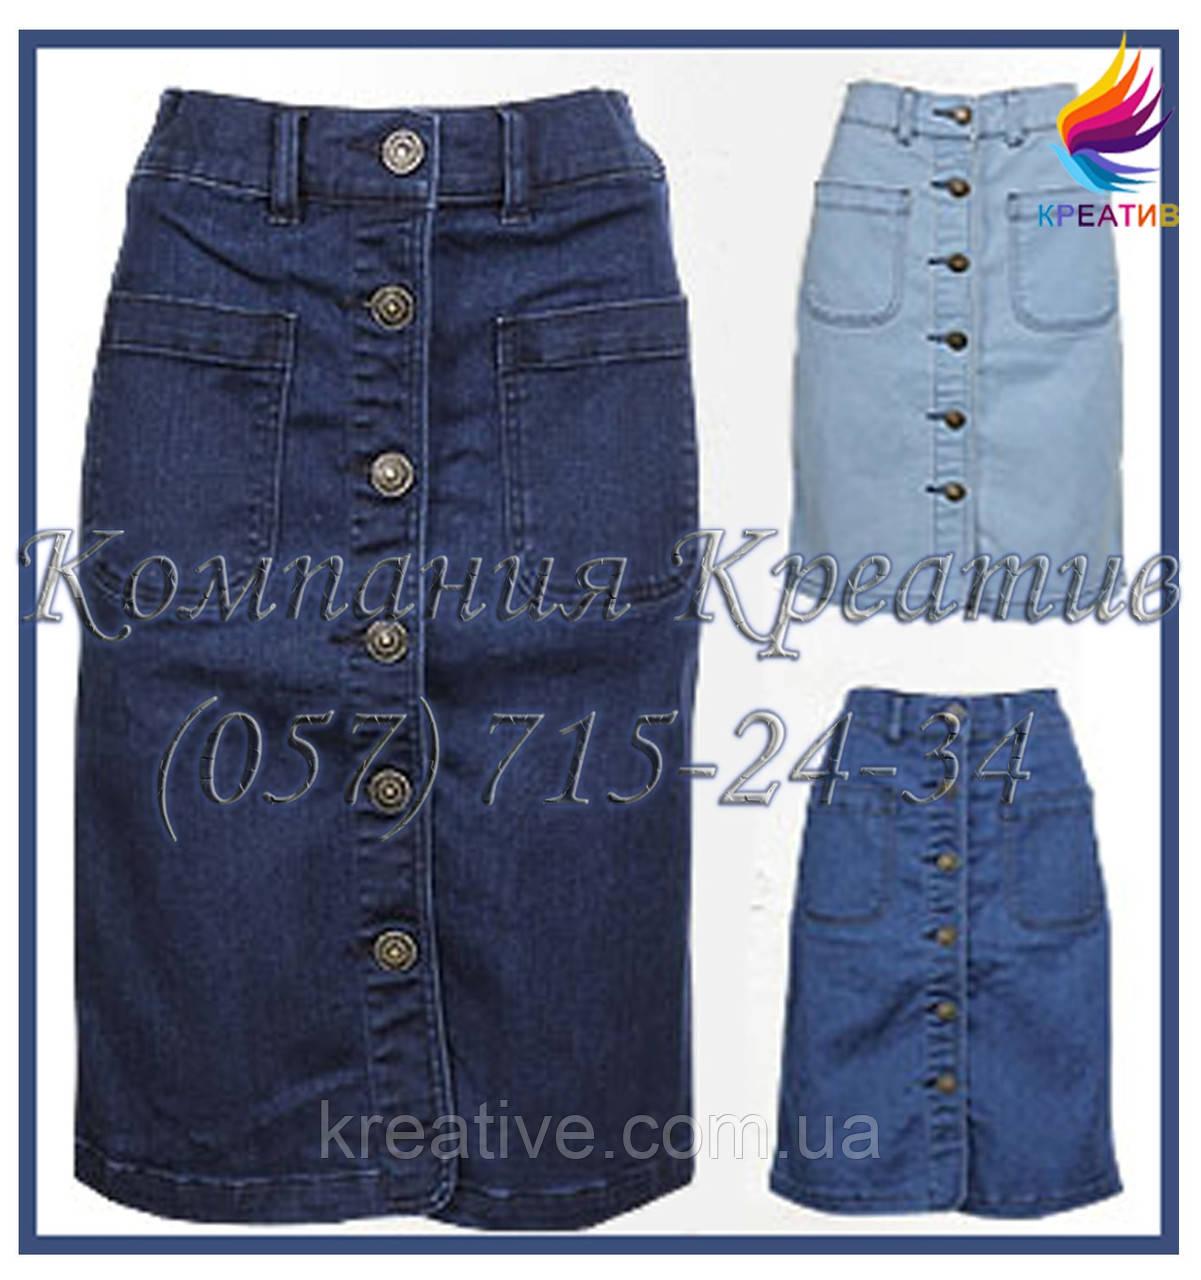 Джинсовые юбки длинные (от 50 шт.)